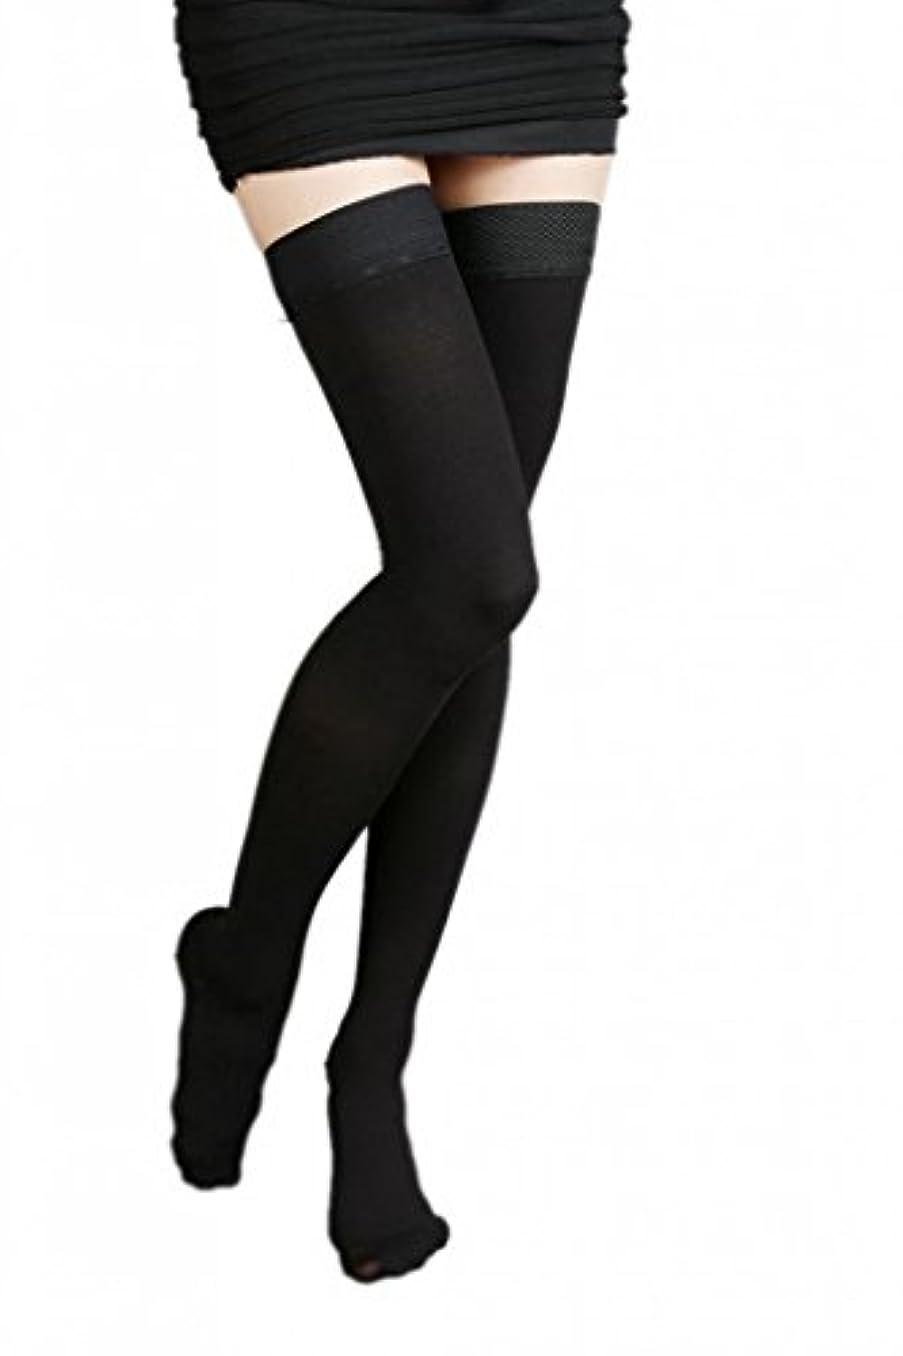 瞑想派生する正確に(ラボーグ)La Vogue 美脚 着圧オーバーニーソックス ハイソックス 靴下 弾性ストッキング つま先あり着圧ソックス M 3級強圧 黒色